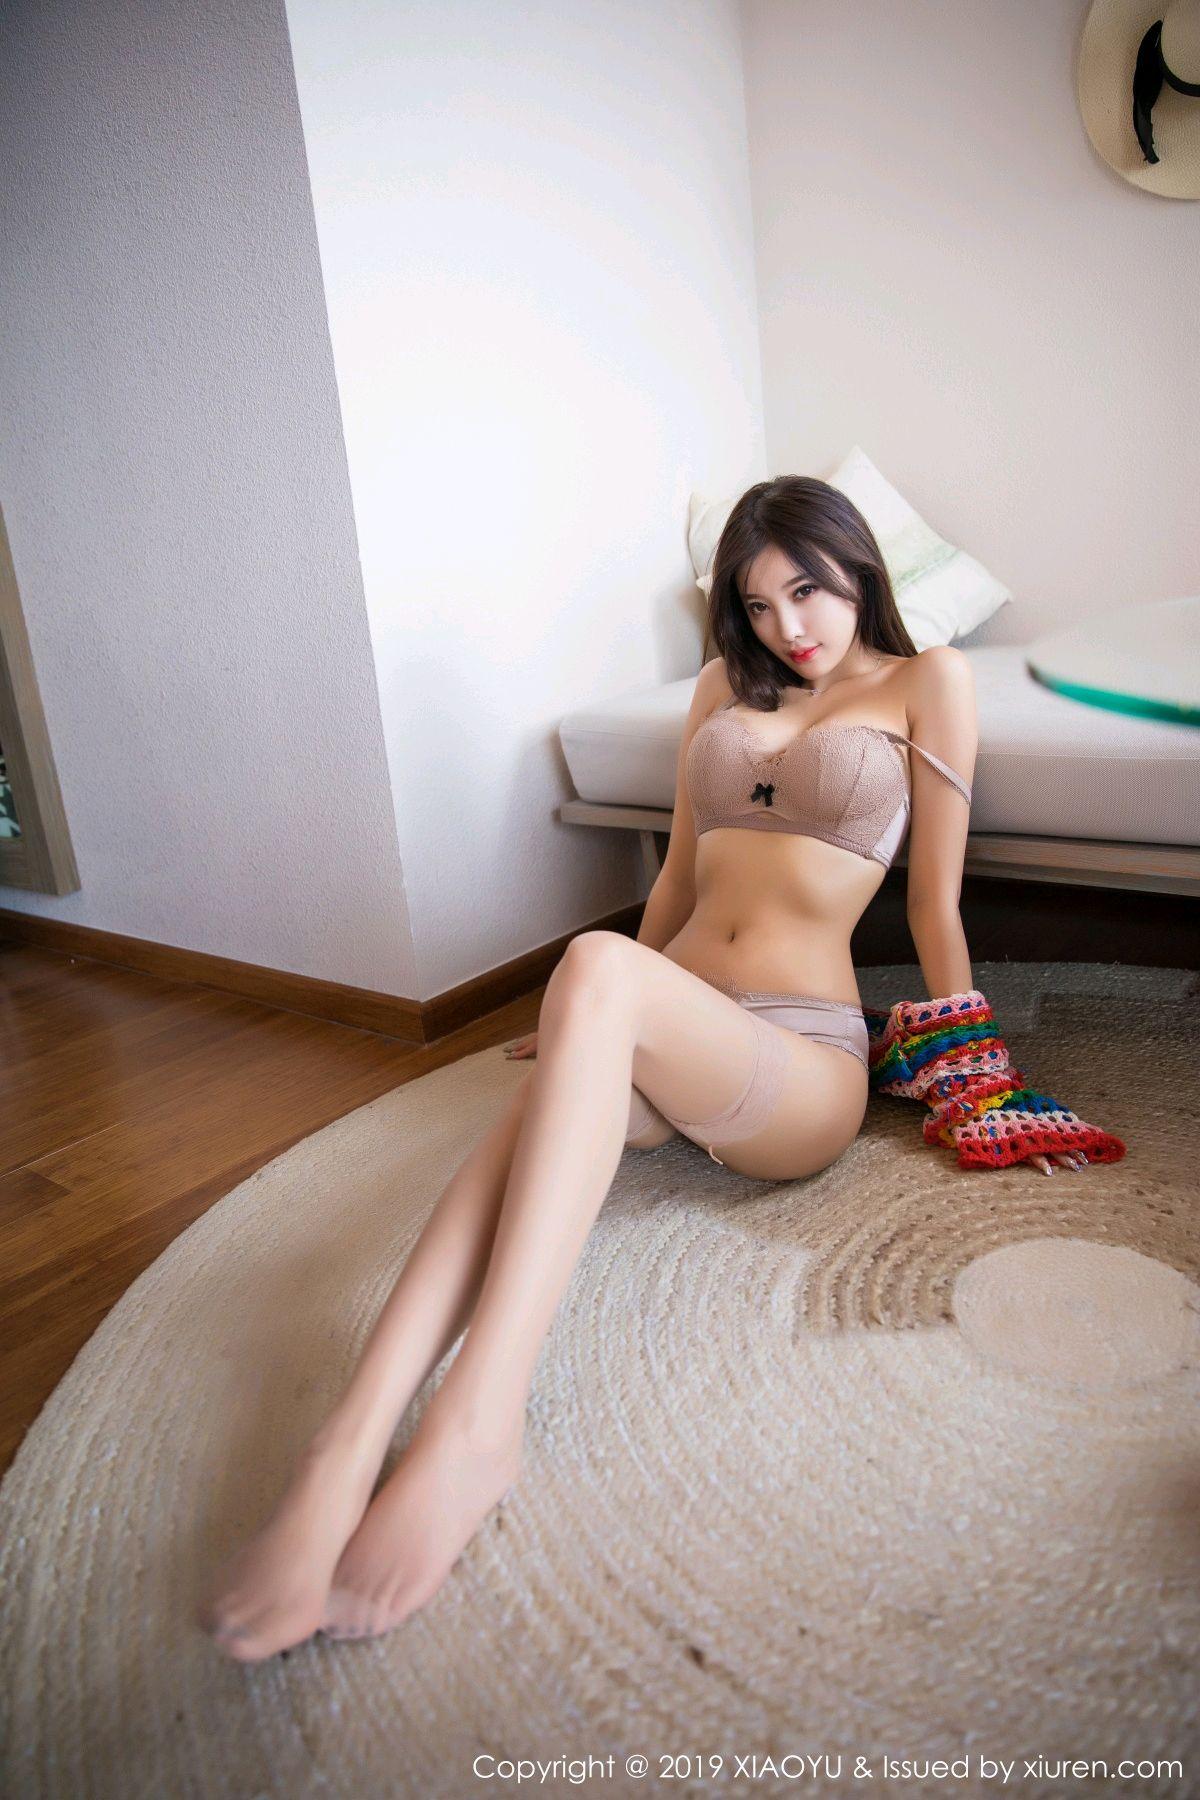 [XiaoYu] Vol.067 Yang Chen Chen 4P, Beach, Underwear, XiaoYu, Yang Chen Chen